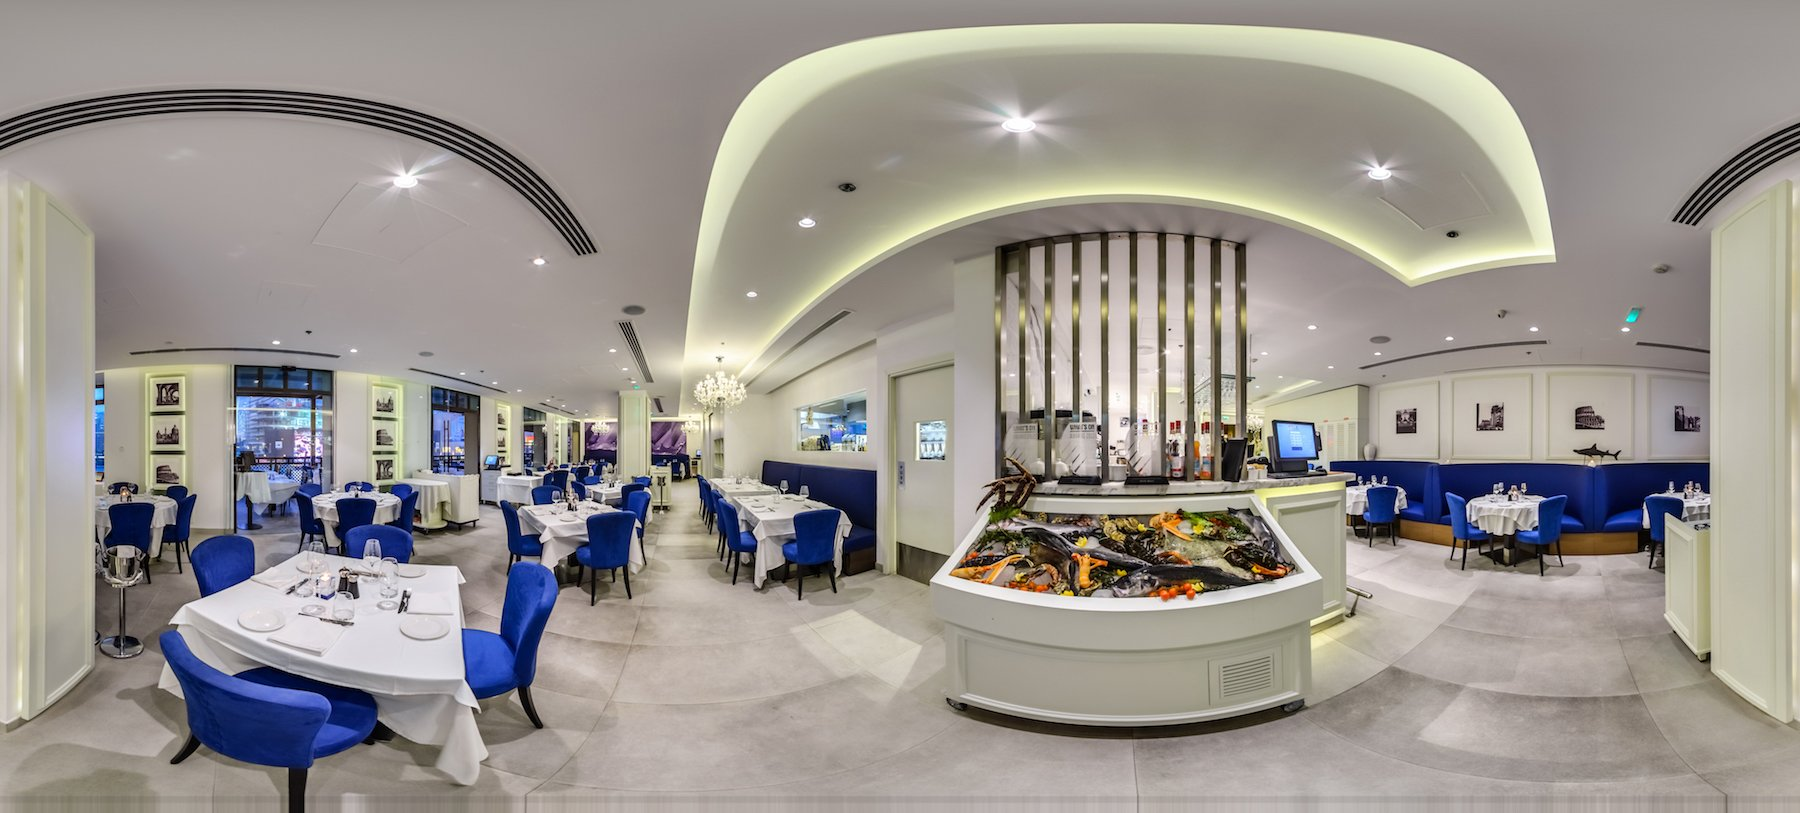 Italian Restaurants Dubai